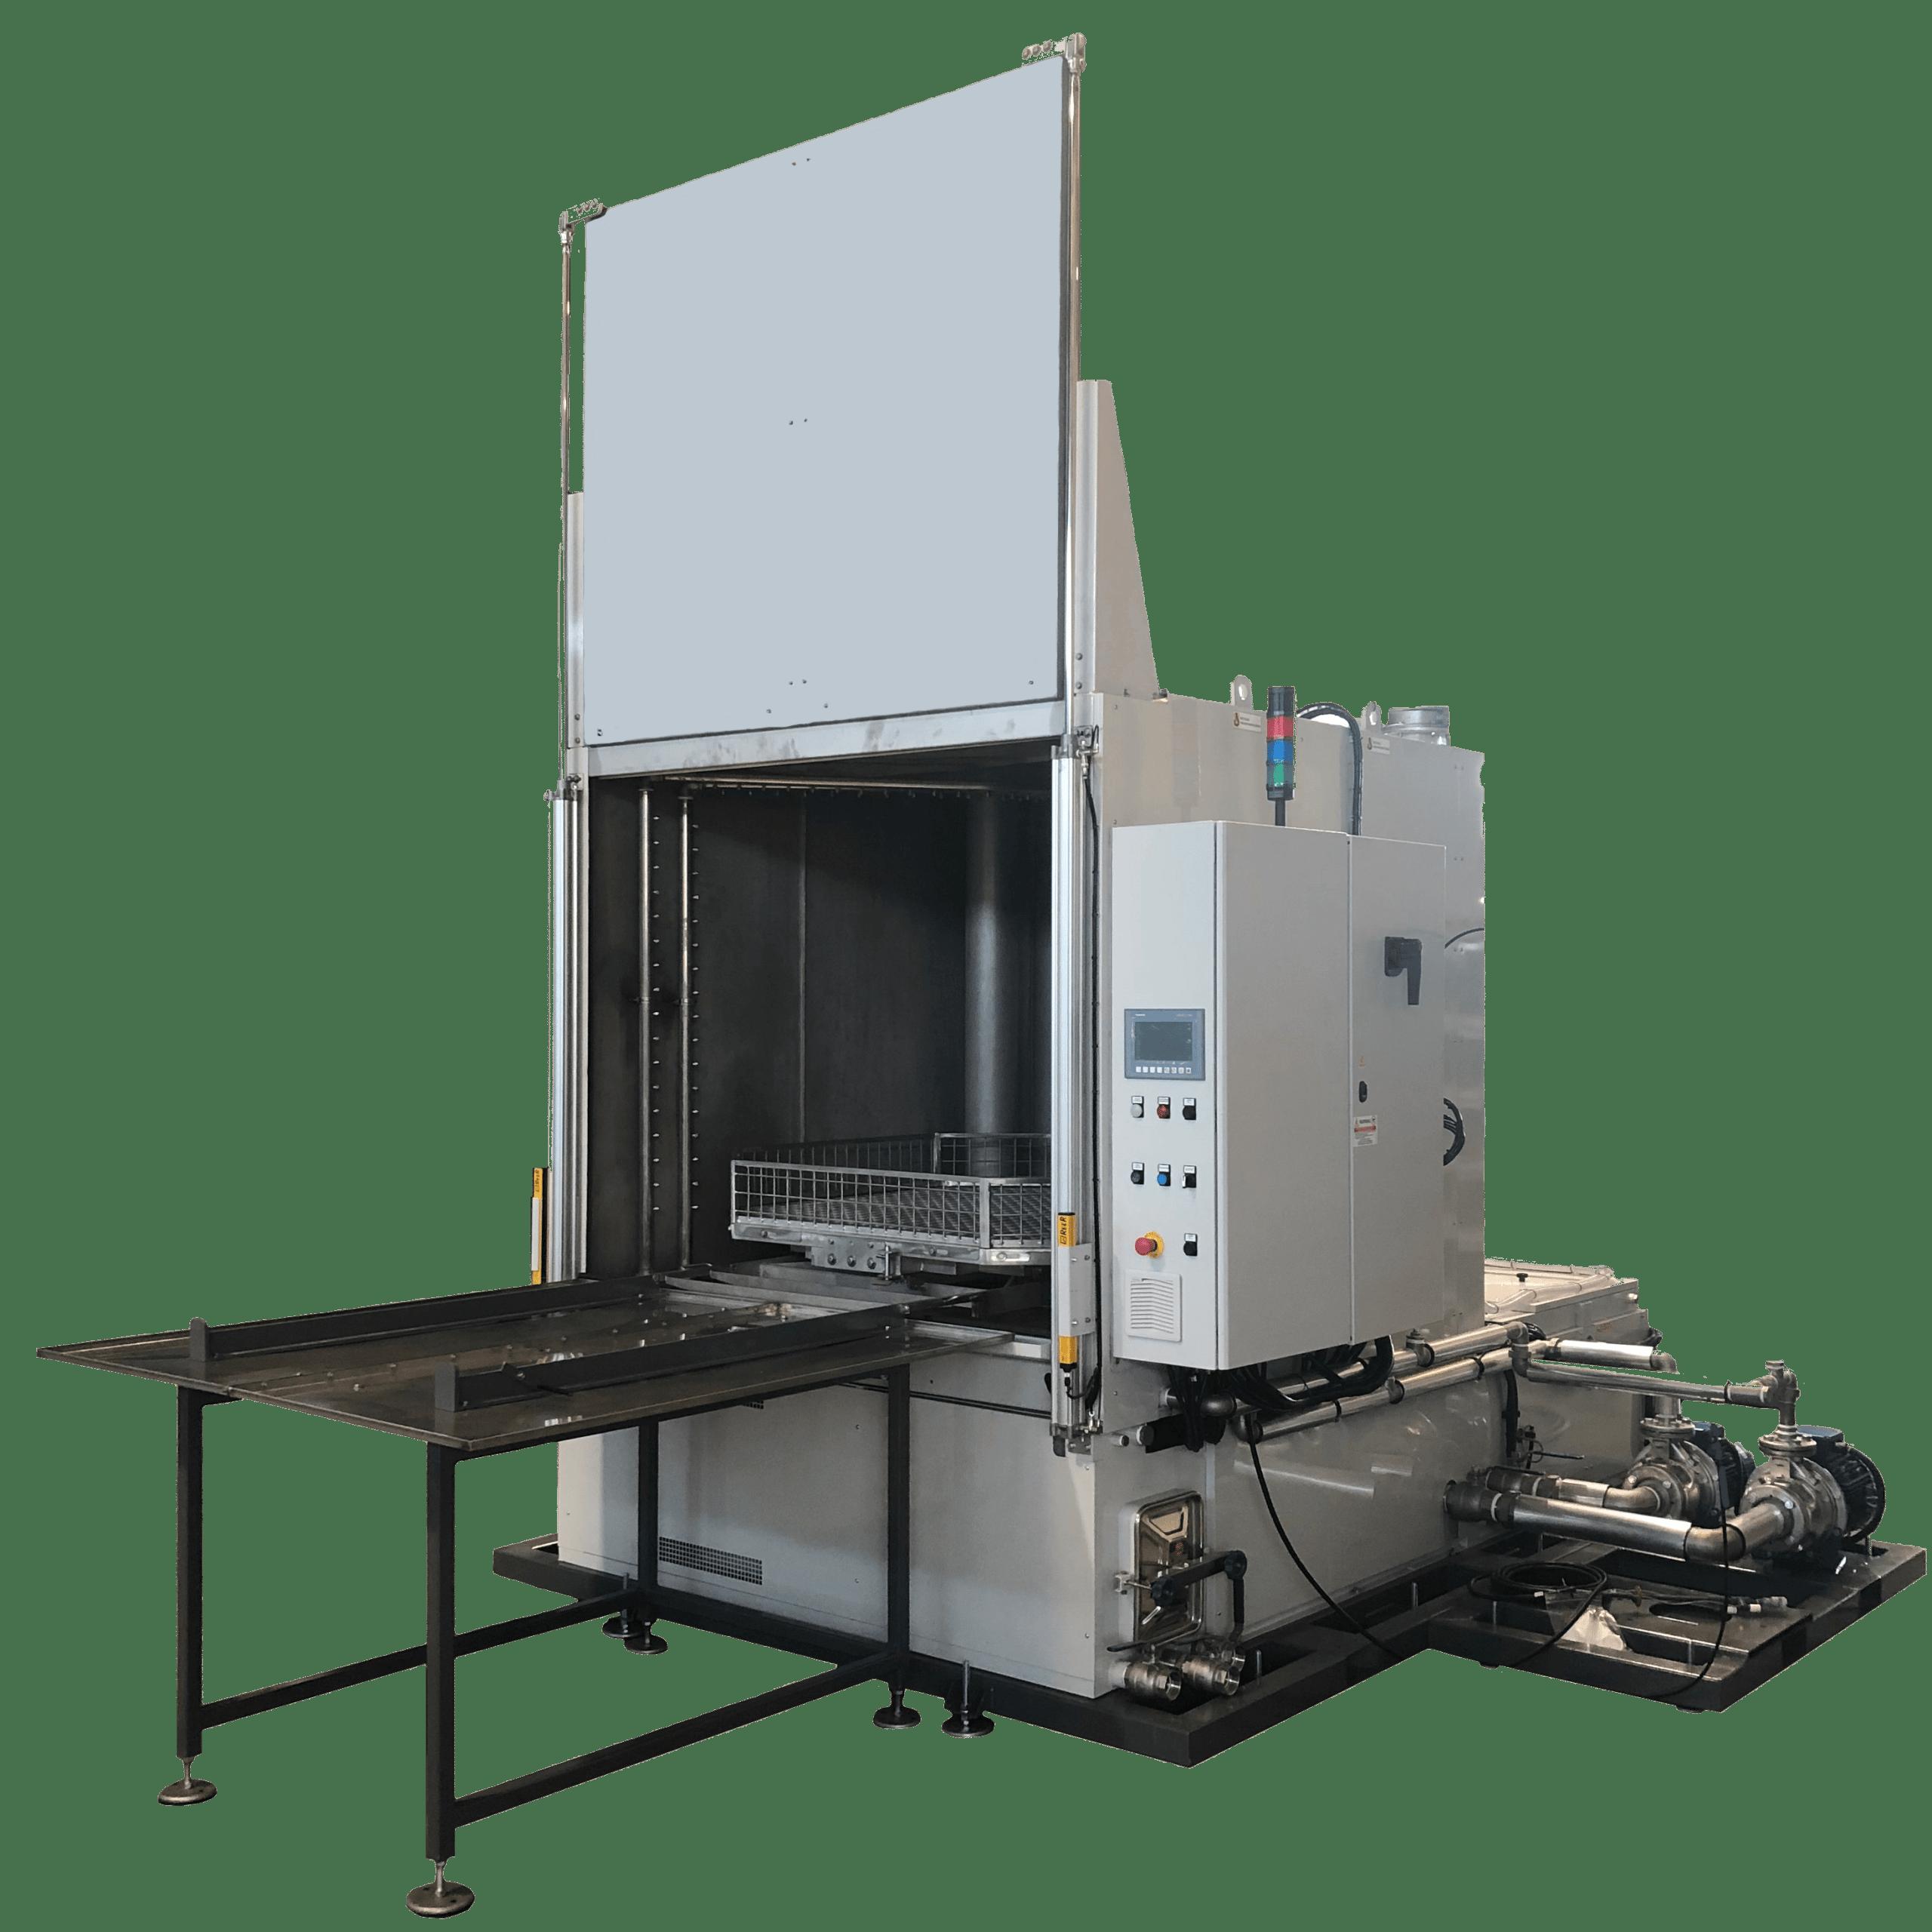 Die CM19 Metallwaschanlage steht für hohe Sauberkeitsanforderungen und kurze Zykluszeiten, selbst bei sehr großen zu reinigenden Werkstücken mit hohen Gewichten